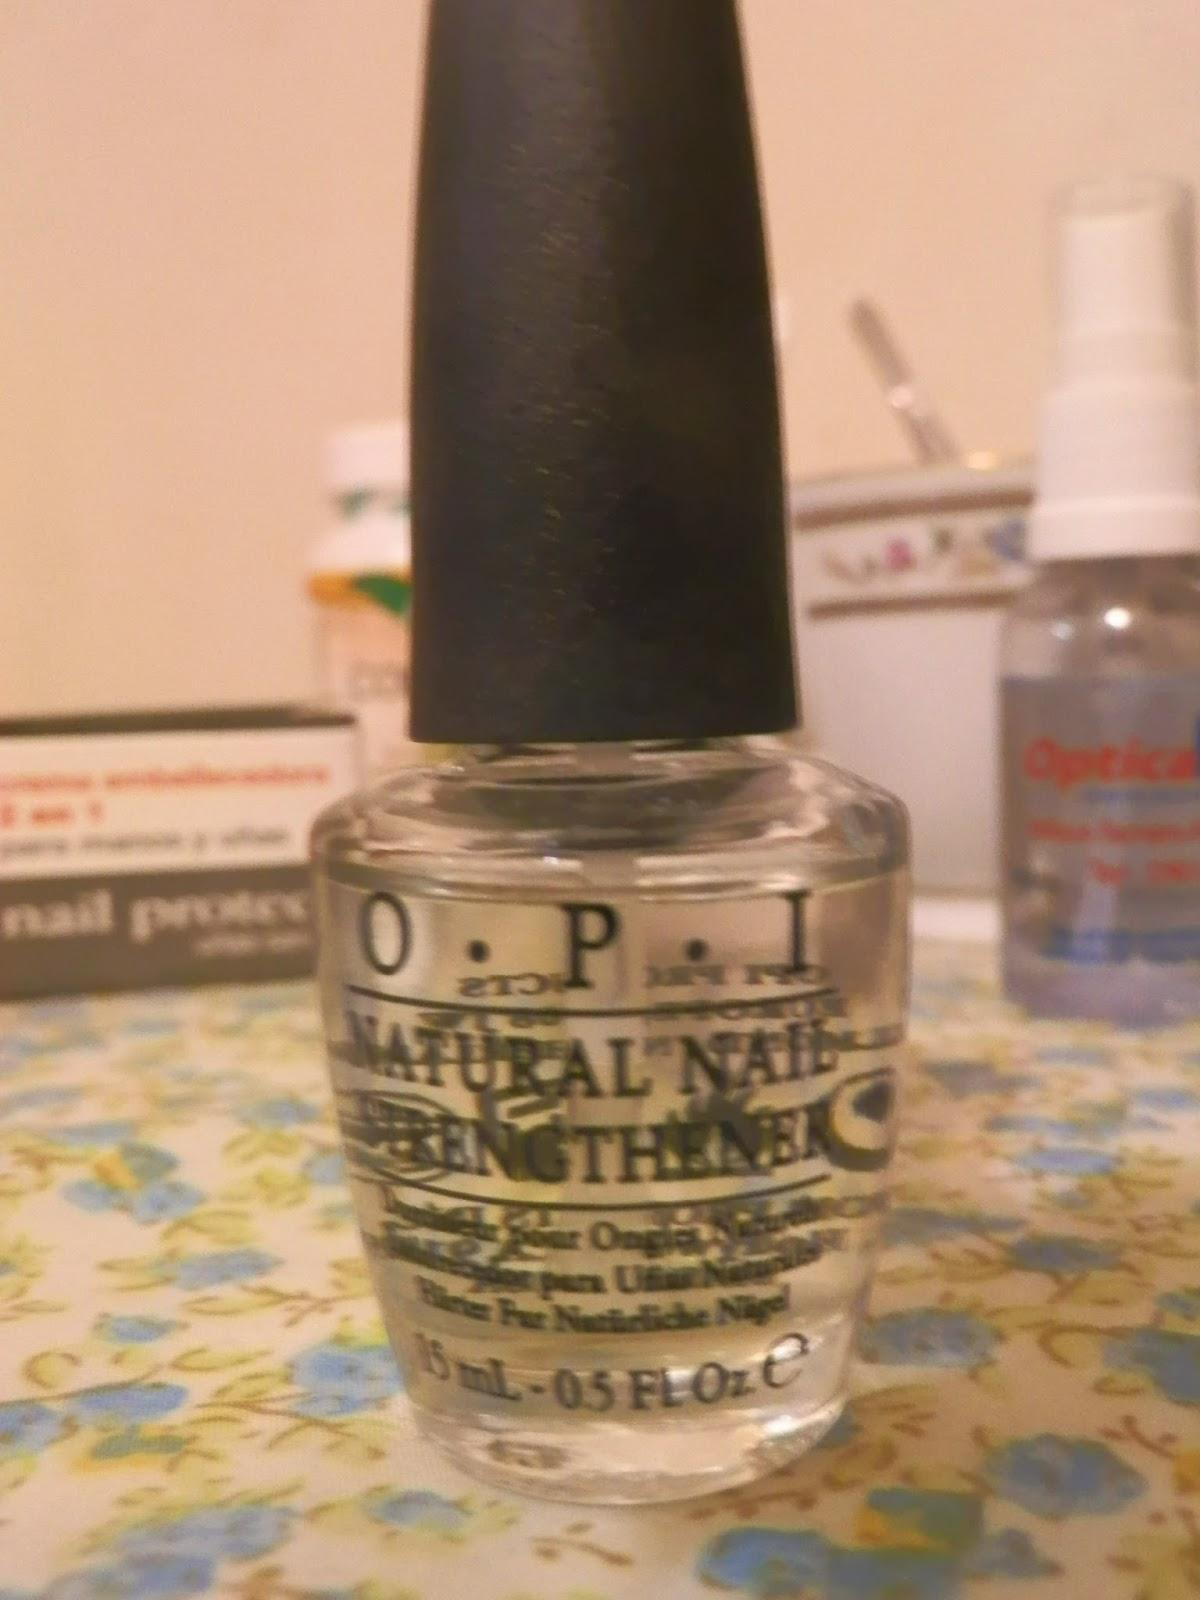 """<img alt=""""opi-natural-nail-strengthener"""" src=""""opi-natural-nail-strengthener.jpg"""" >"""